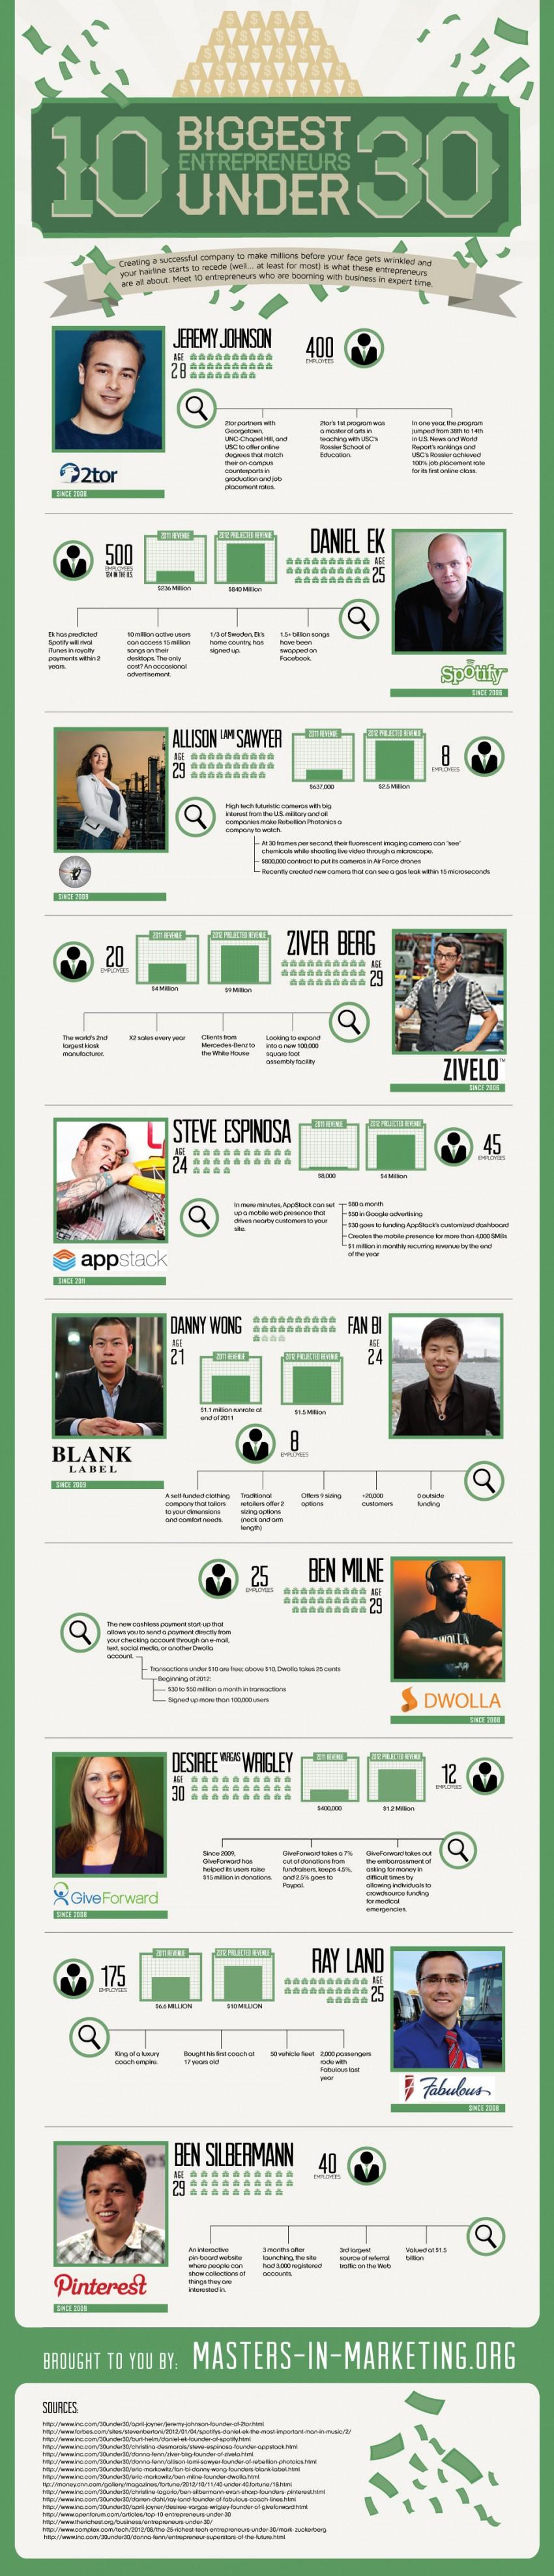 entrepreneurs-under-30[1]